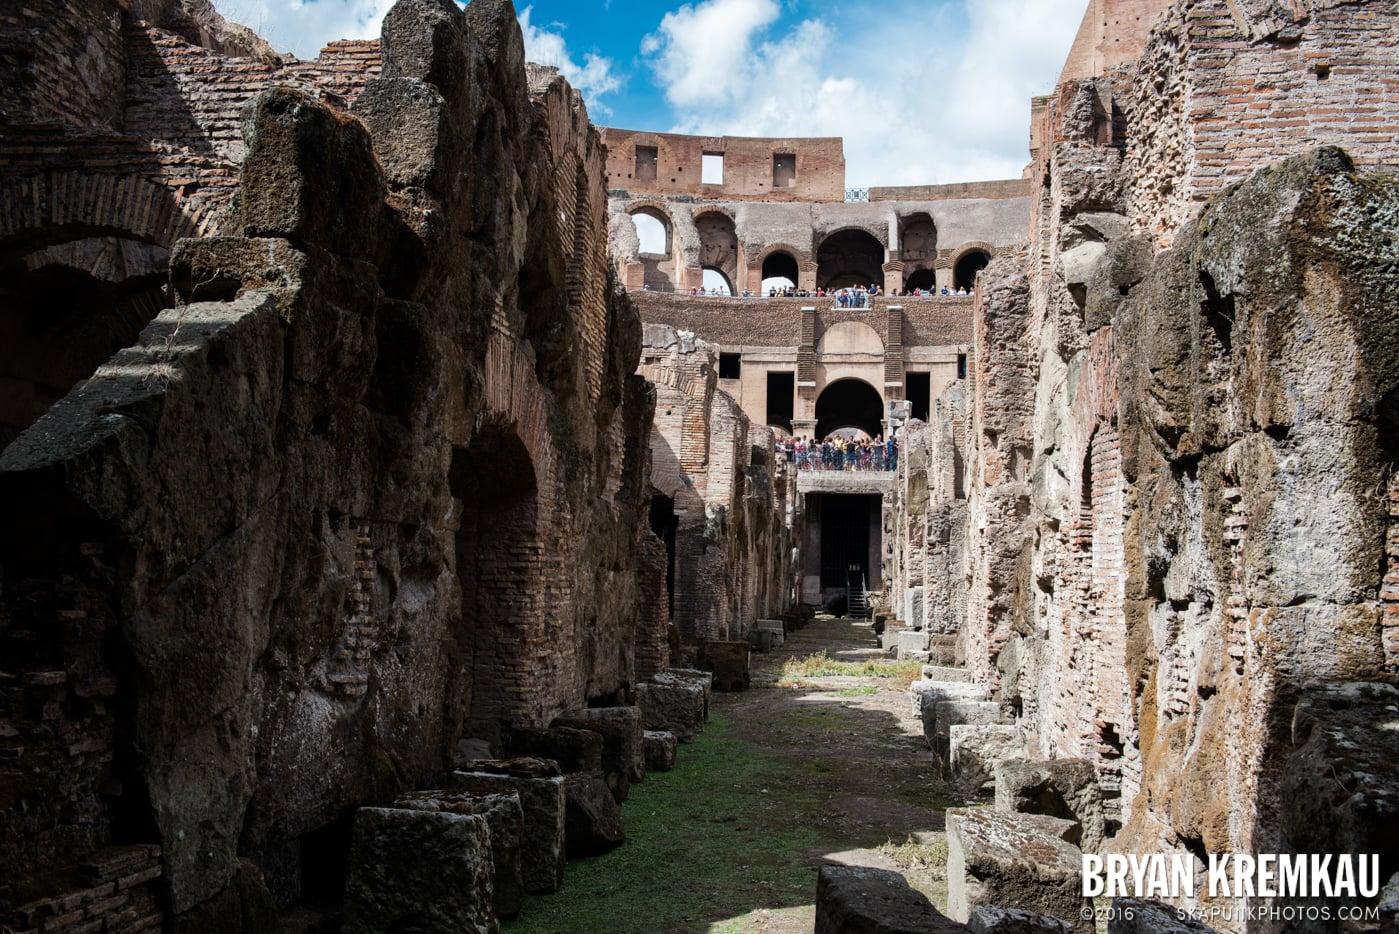 Italy Vacation - Day 2: Rome - 9.10.13 (57)